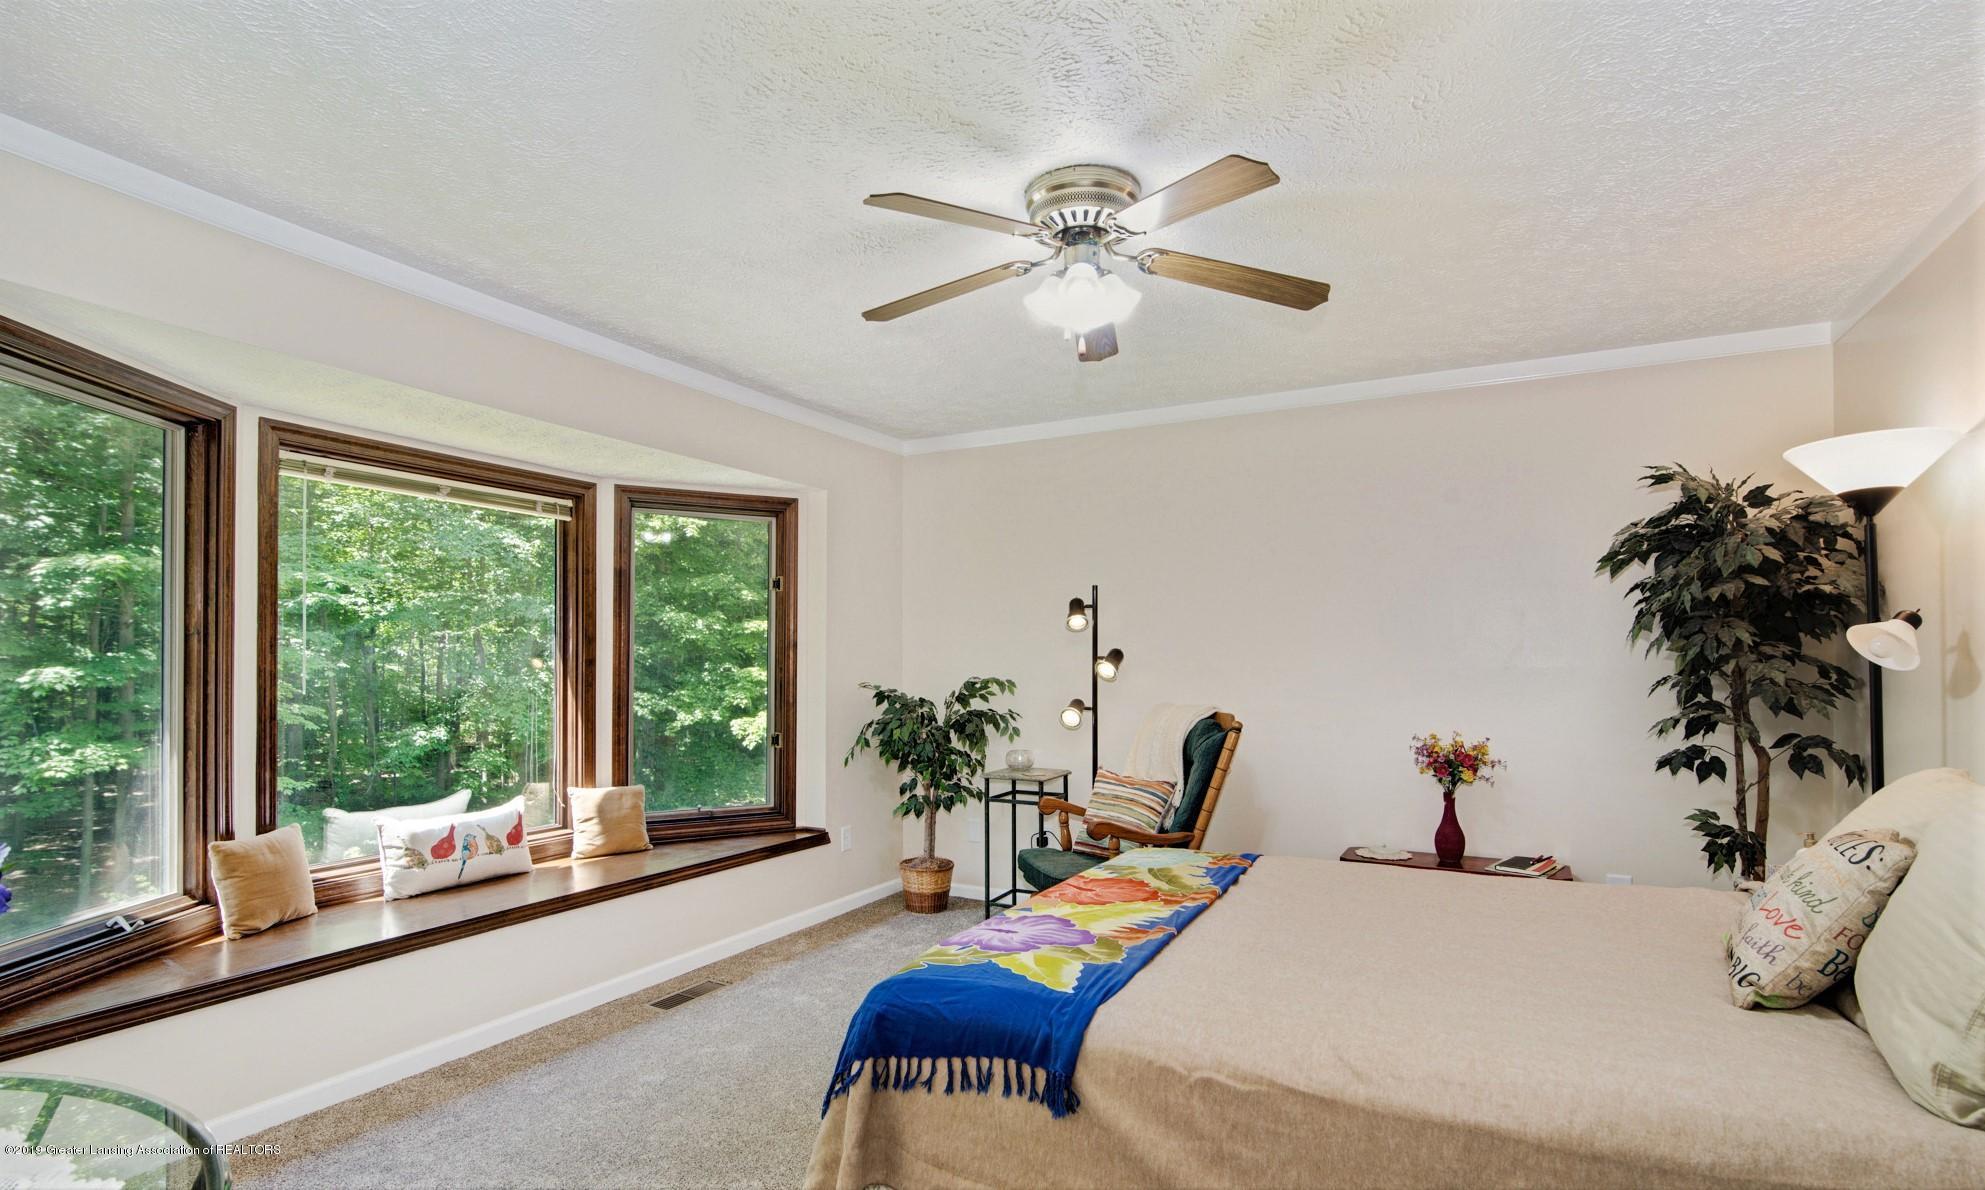 7520 Carmel Ln - Master Bedroom - 14